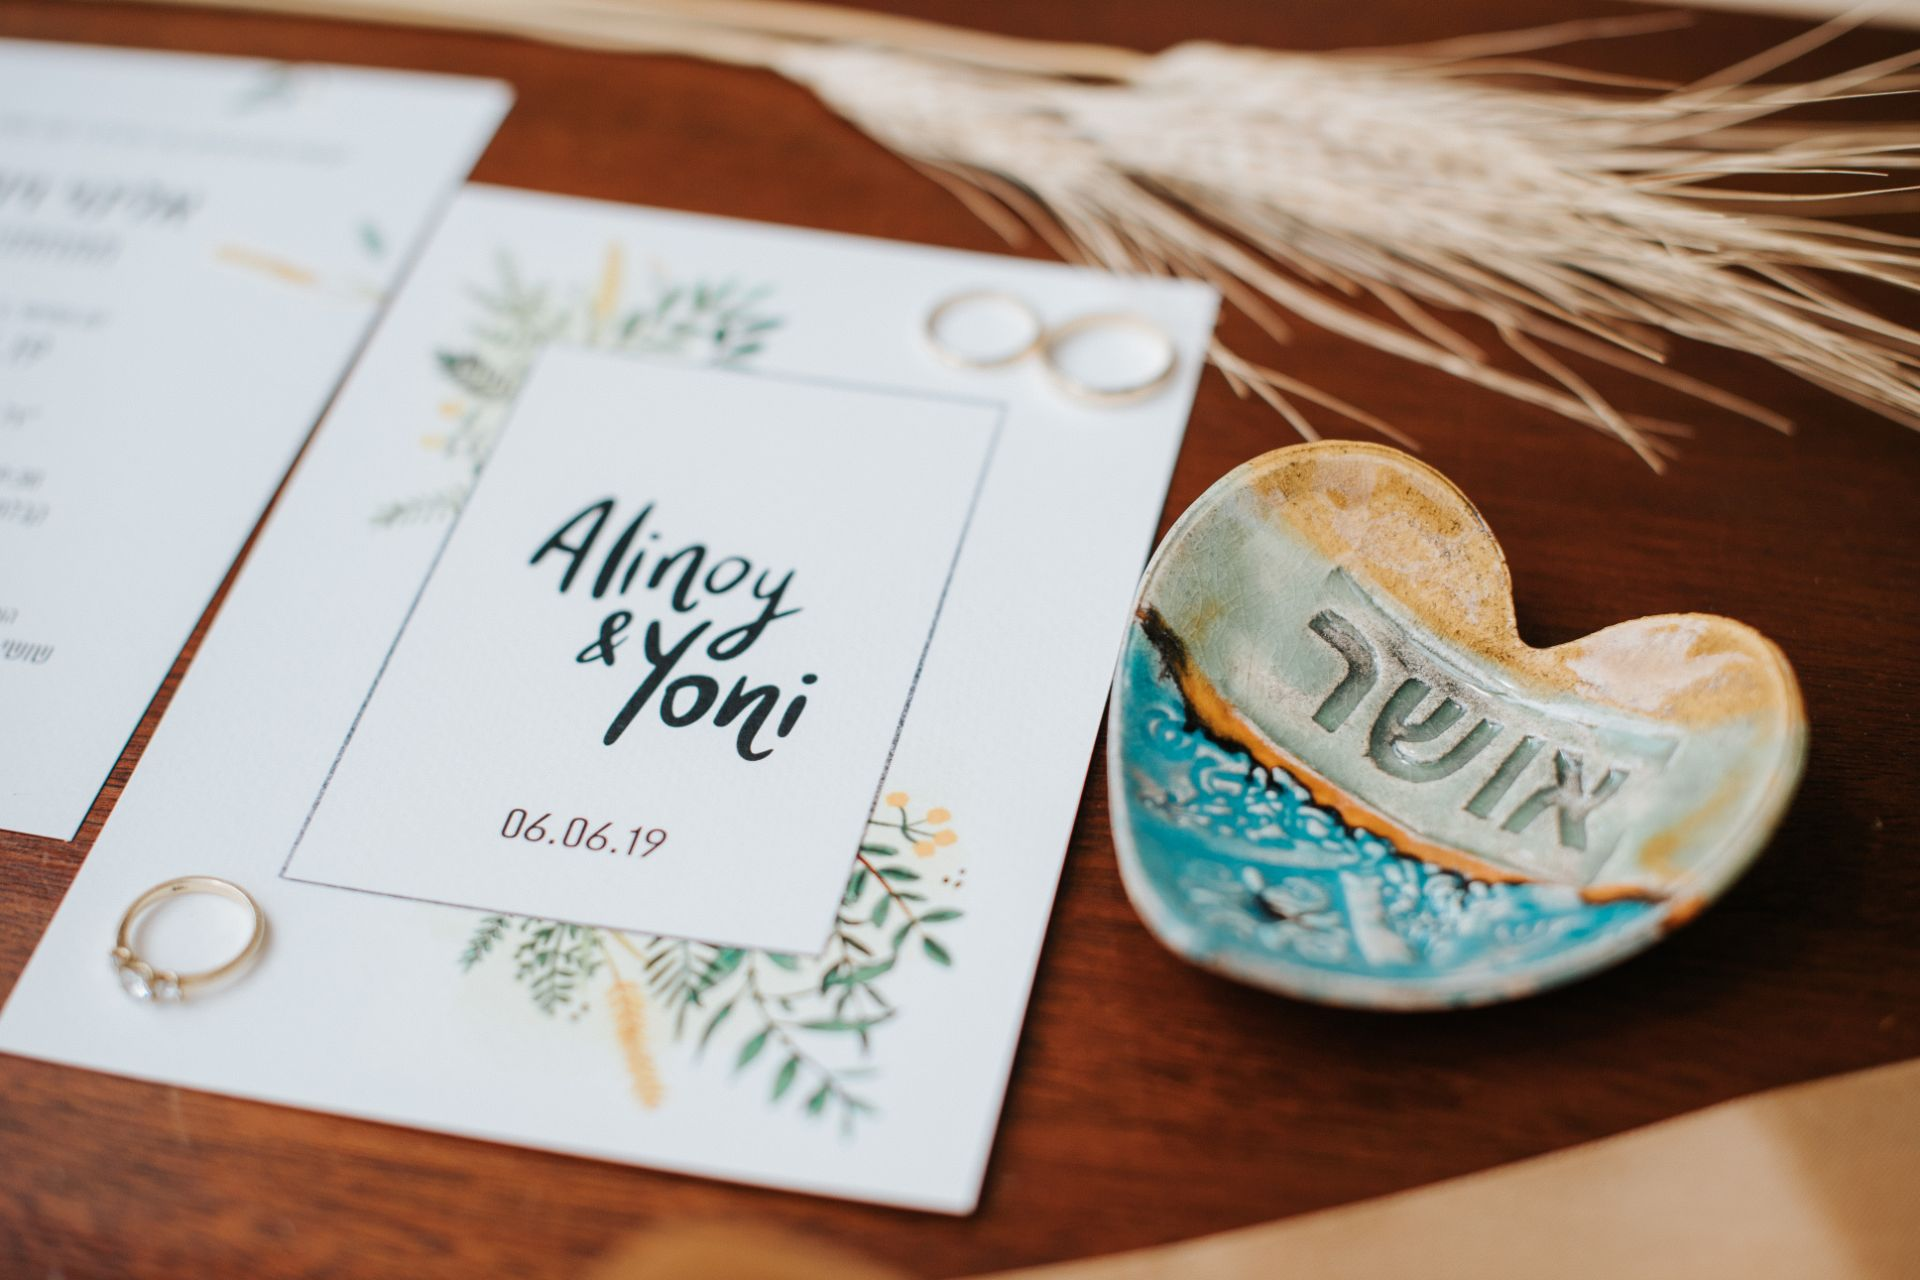 לוכדי חלומות, שיבולים וחמניות: חתונת הבוהו של אלינוי ויוני